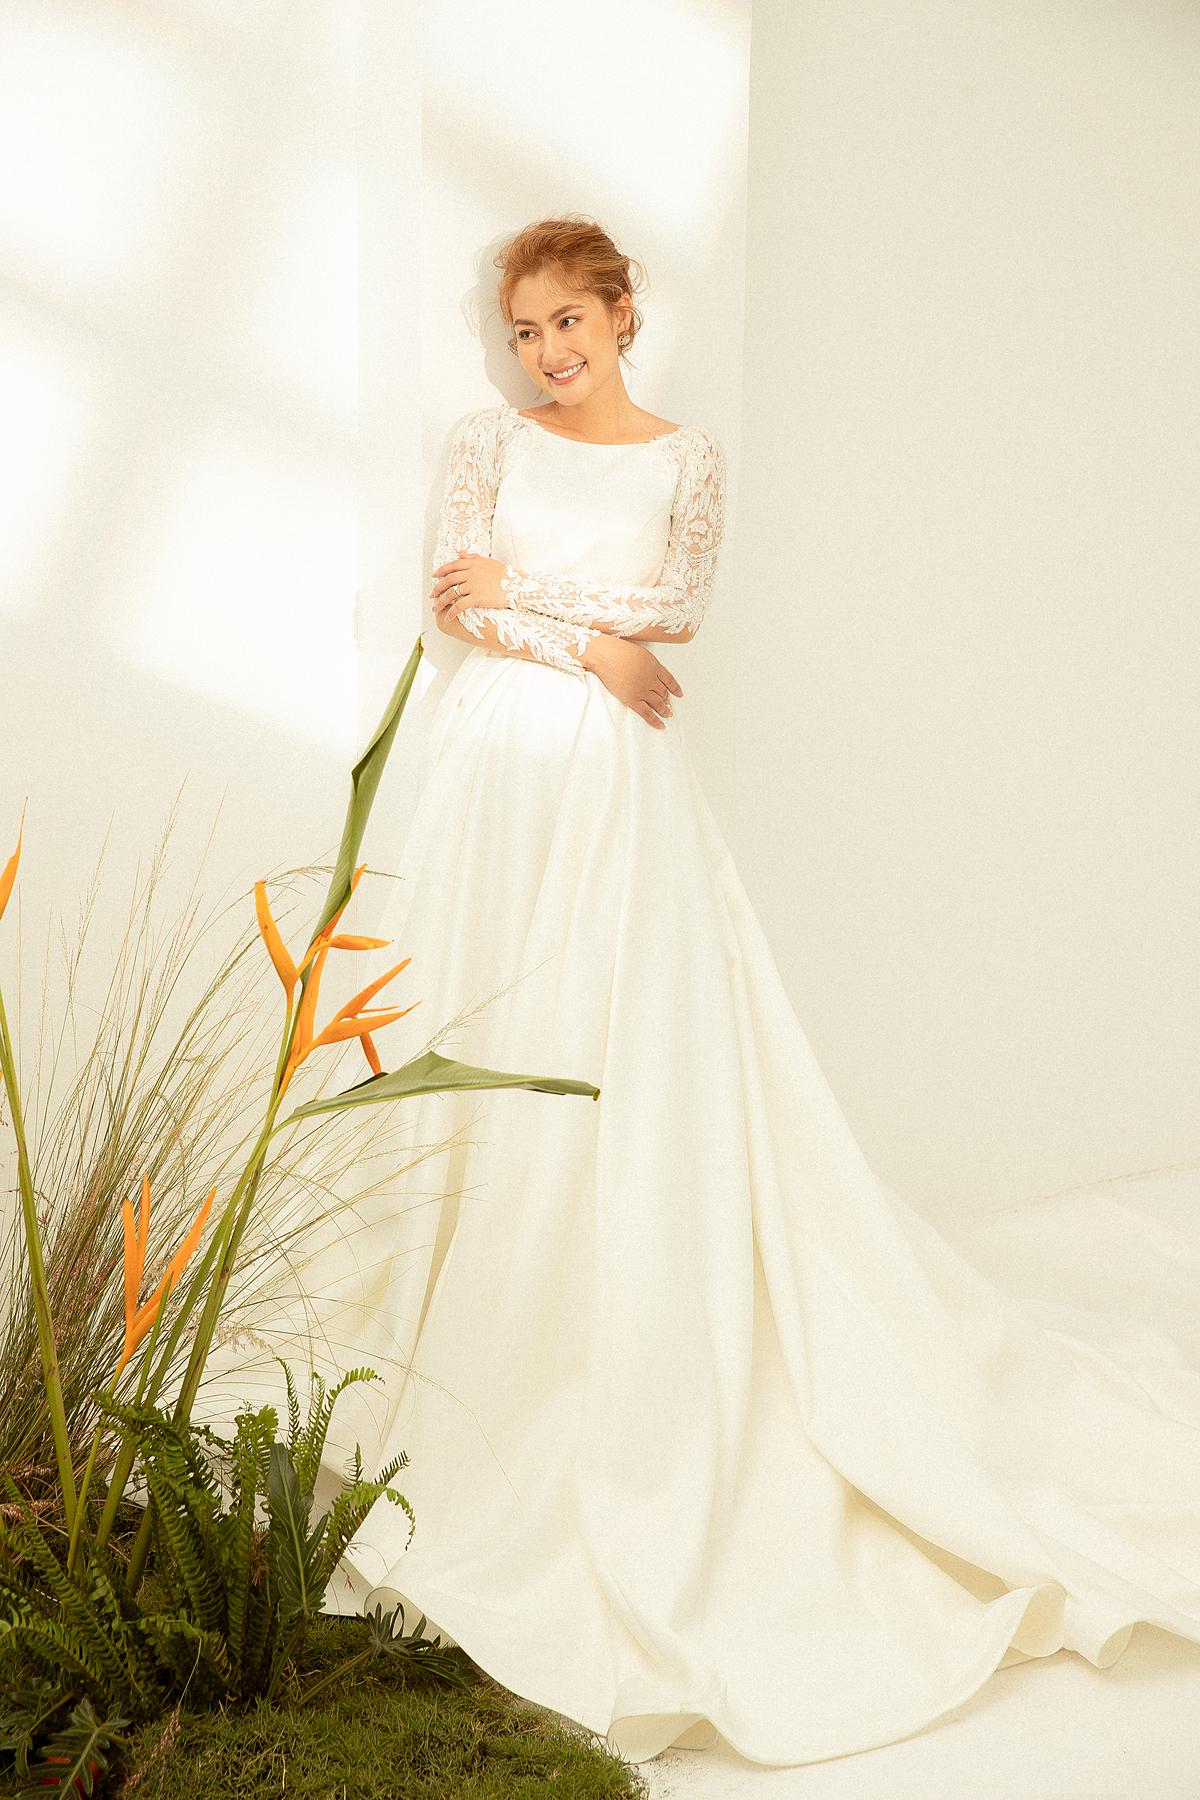 Váy cưới mùa thu - đông năm nay đề cao những phom dáng cơ bản, phát triển từ phom váy chữ A cổ điển, biến tấu phù hợp với phong cách hiện đại để hài hoà giữa xu hướng và mong đợi của cô dâu. Bằng sự khéo léo trong phối hợp chất liệu, nhà thiết kế mang đến nhiều lựa chọn đa dạng cho cô dâu với váy cưới màu trắng. Đó là màu trắng cổ điển trên nền vải lụa thanh lịch, hay thanh thoát toát lên từ chất liệu voan, ren cao cấp... tất cả tạo nên sự tươi mới cho phái đẹp.